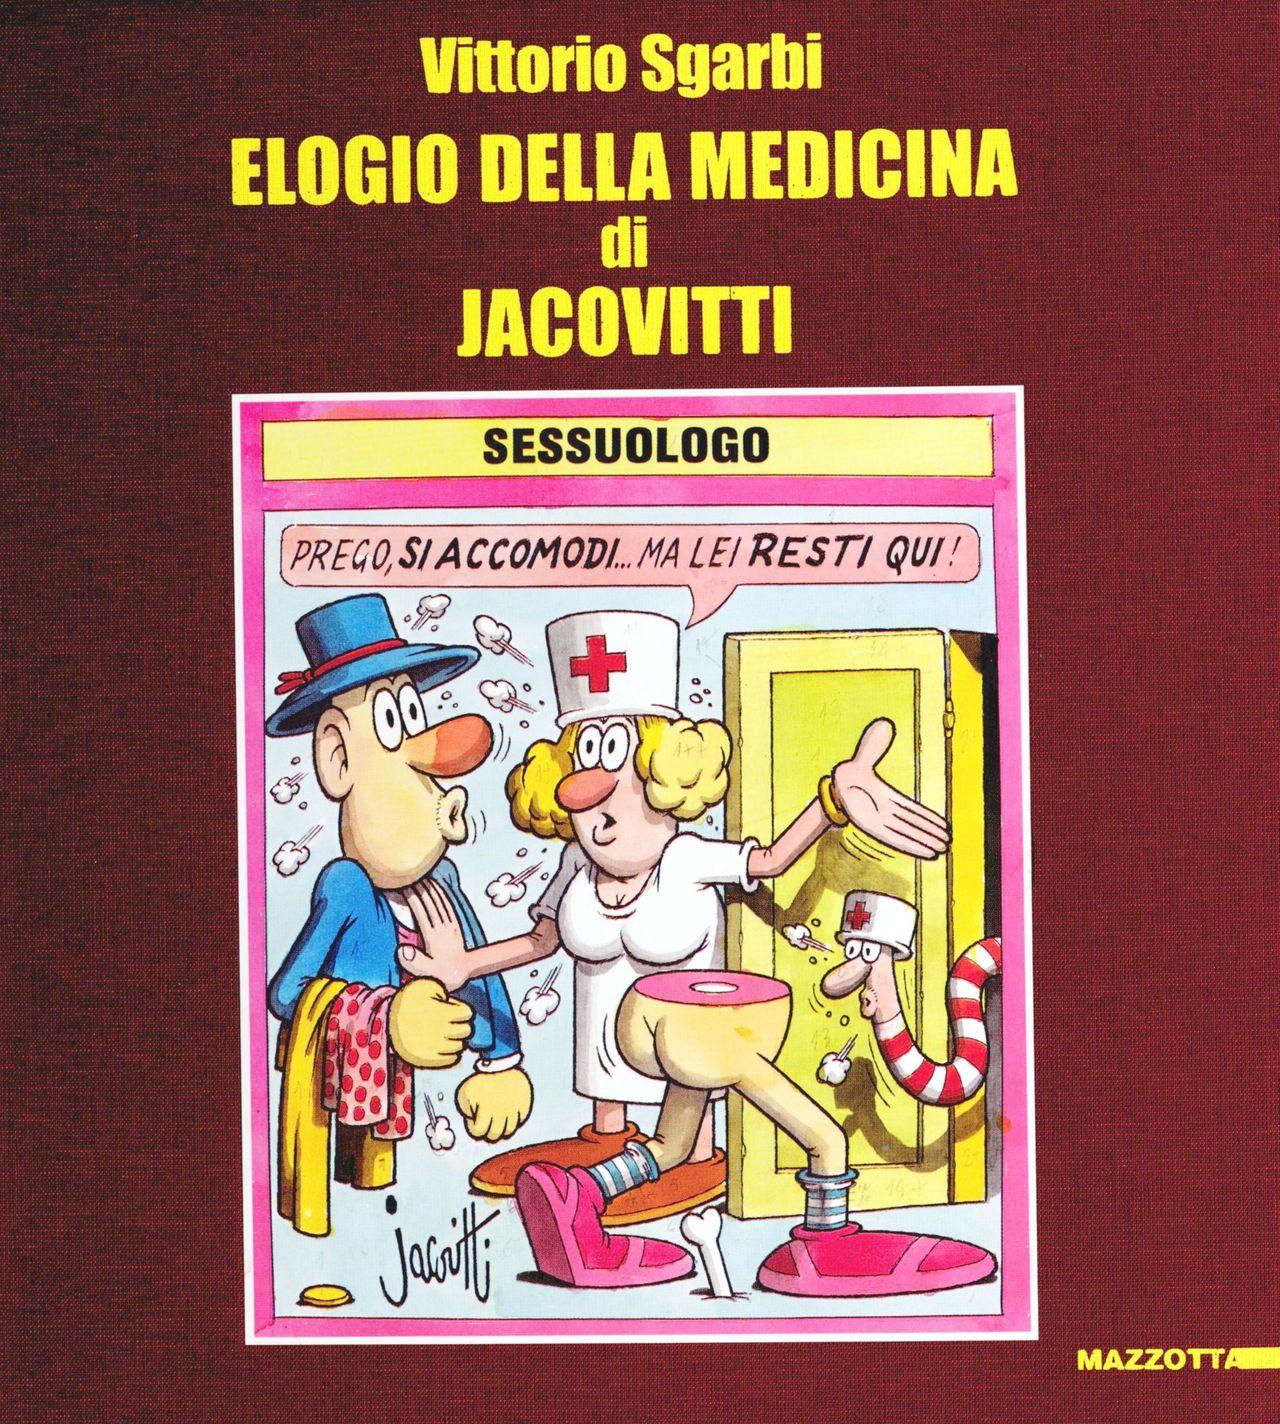 Elogio della medicina di Jacovitti